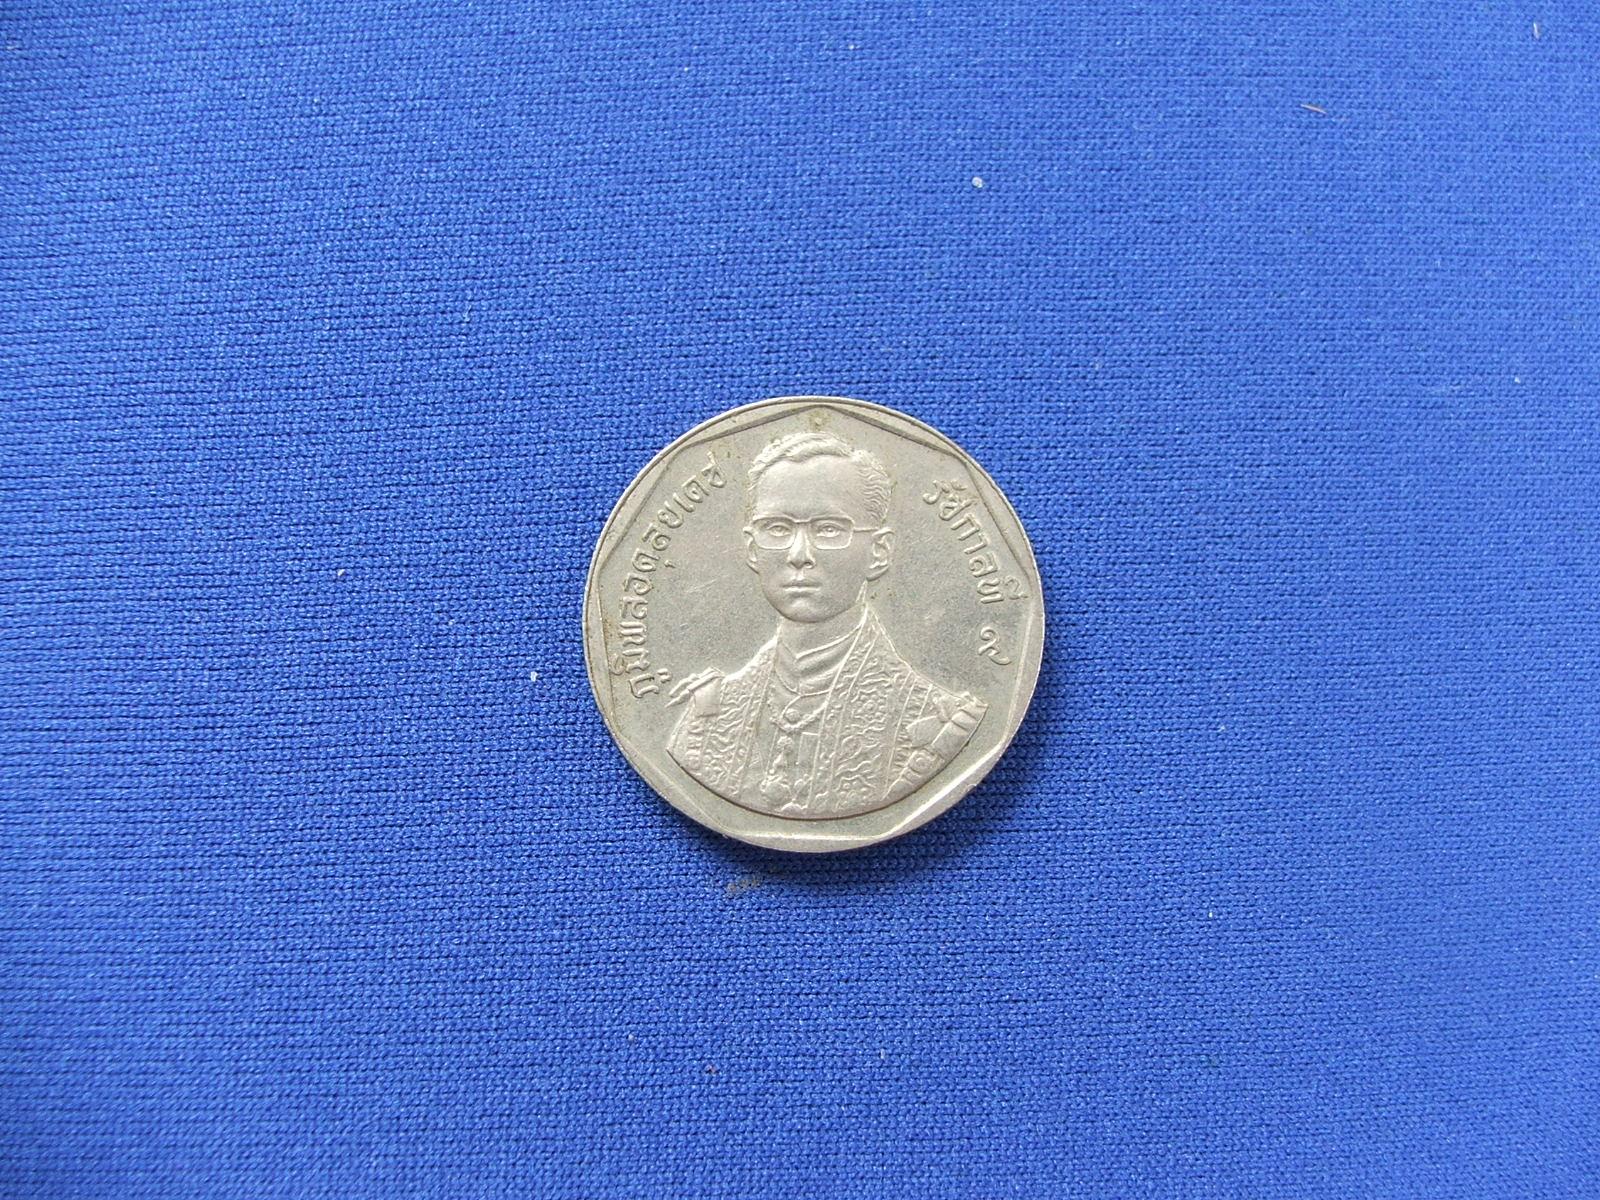 เหรียญ ๒ บาท รัชมังคลาภิเษก ๒๕๓๑